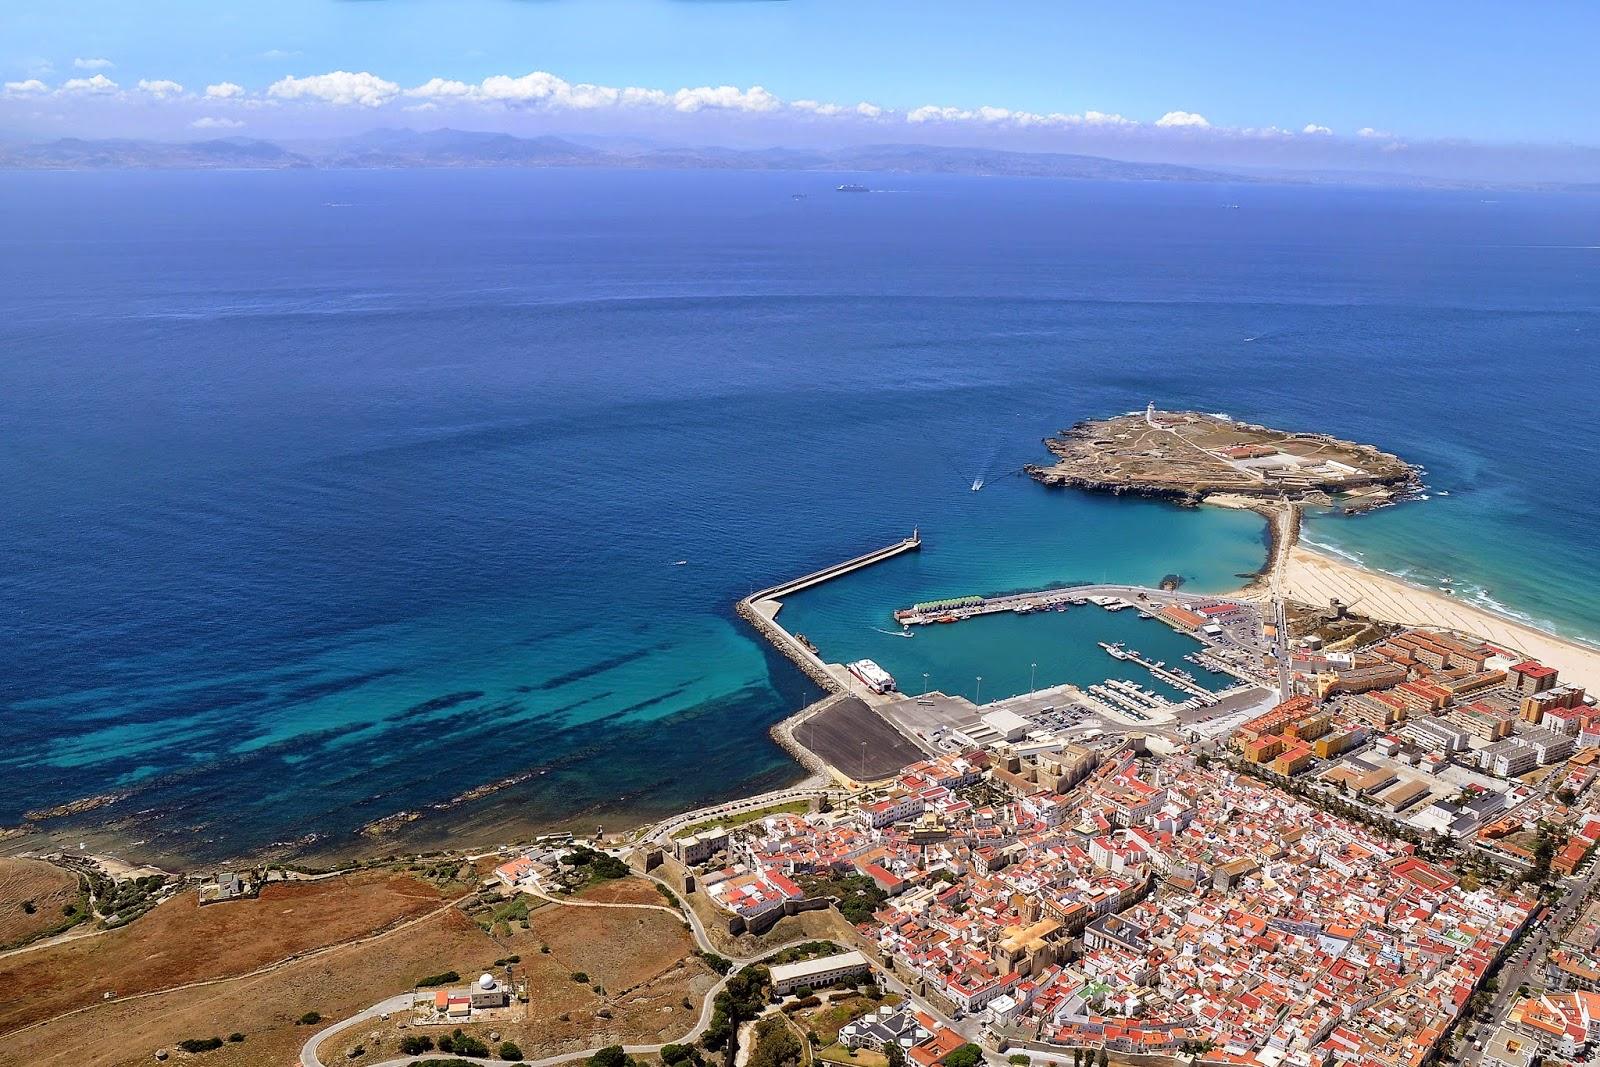 Turismo en Tarifa, Cádiz